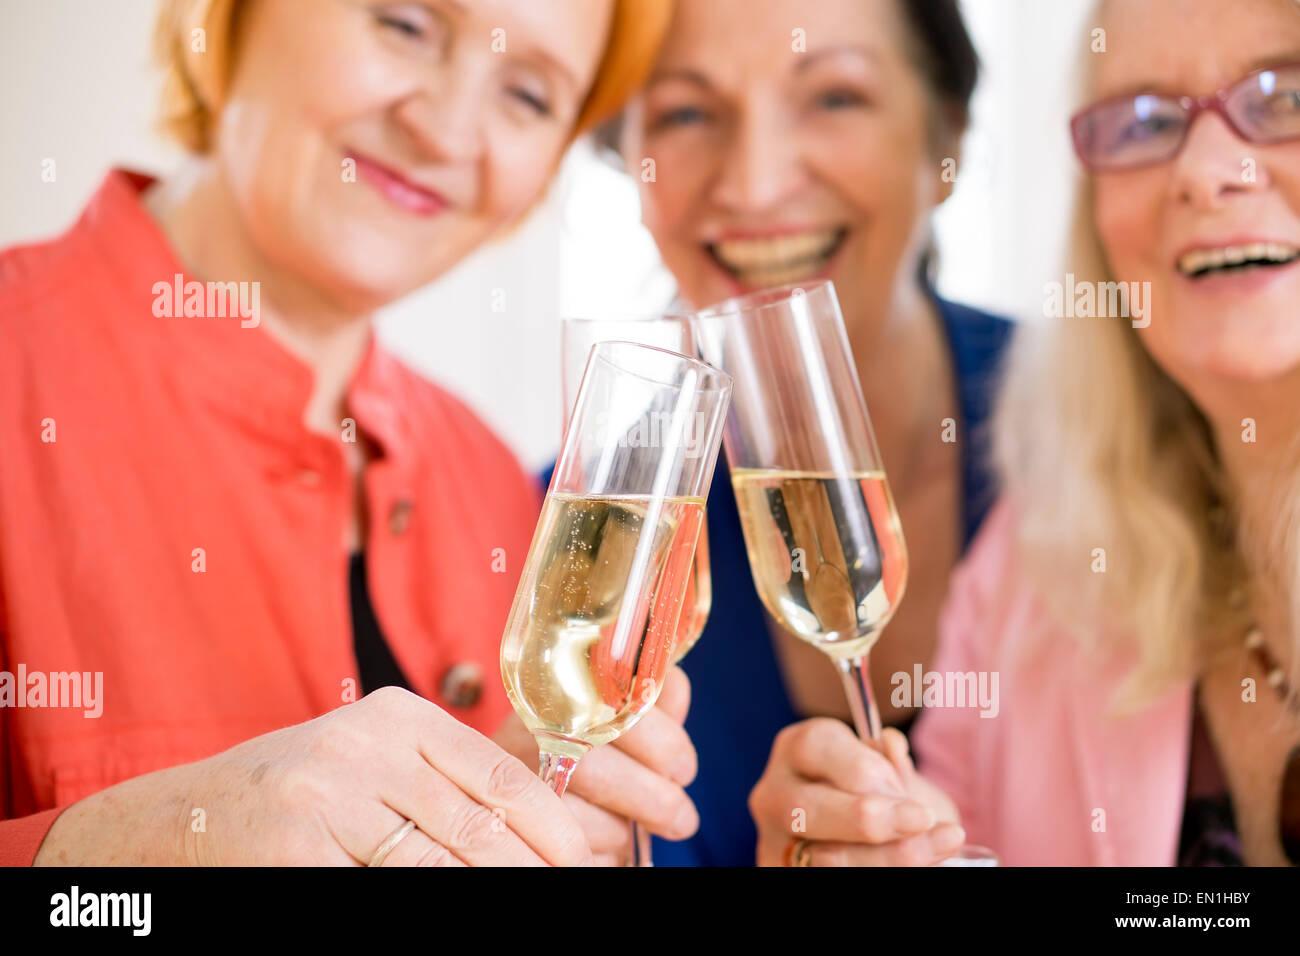 Tres Amigos Mamá sonriente Tossing copas de champaña celebrando su amistad. Capturado en Macro. Imagen De Stock